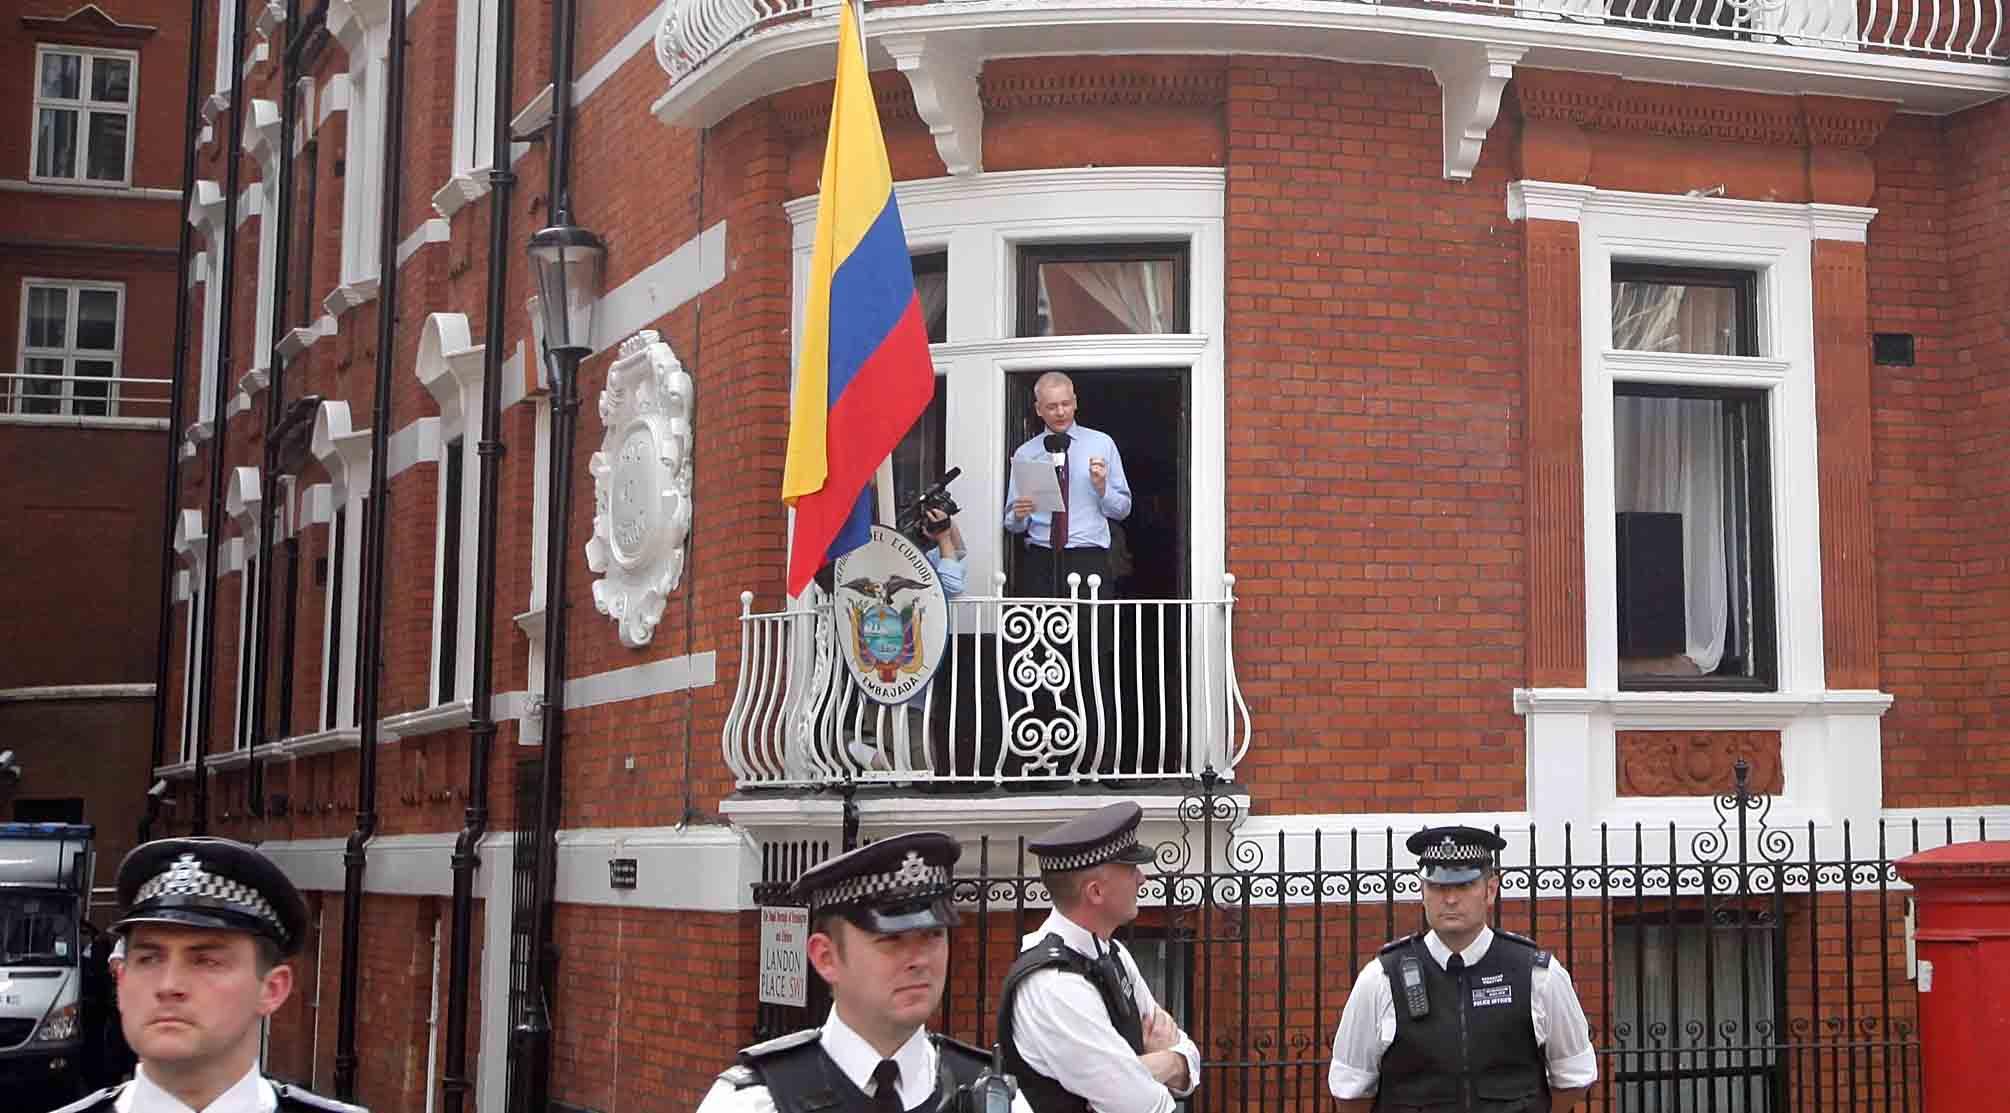 El cofundador de WikiLeaks acusado desde 2010 por violación en Suecia, se encuentra refugiado en la embajada ecuatoriana en Londres